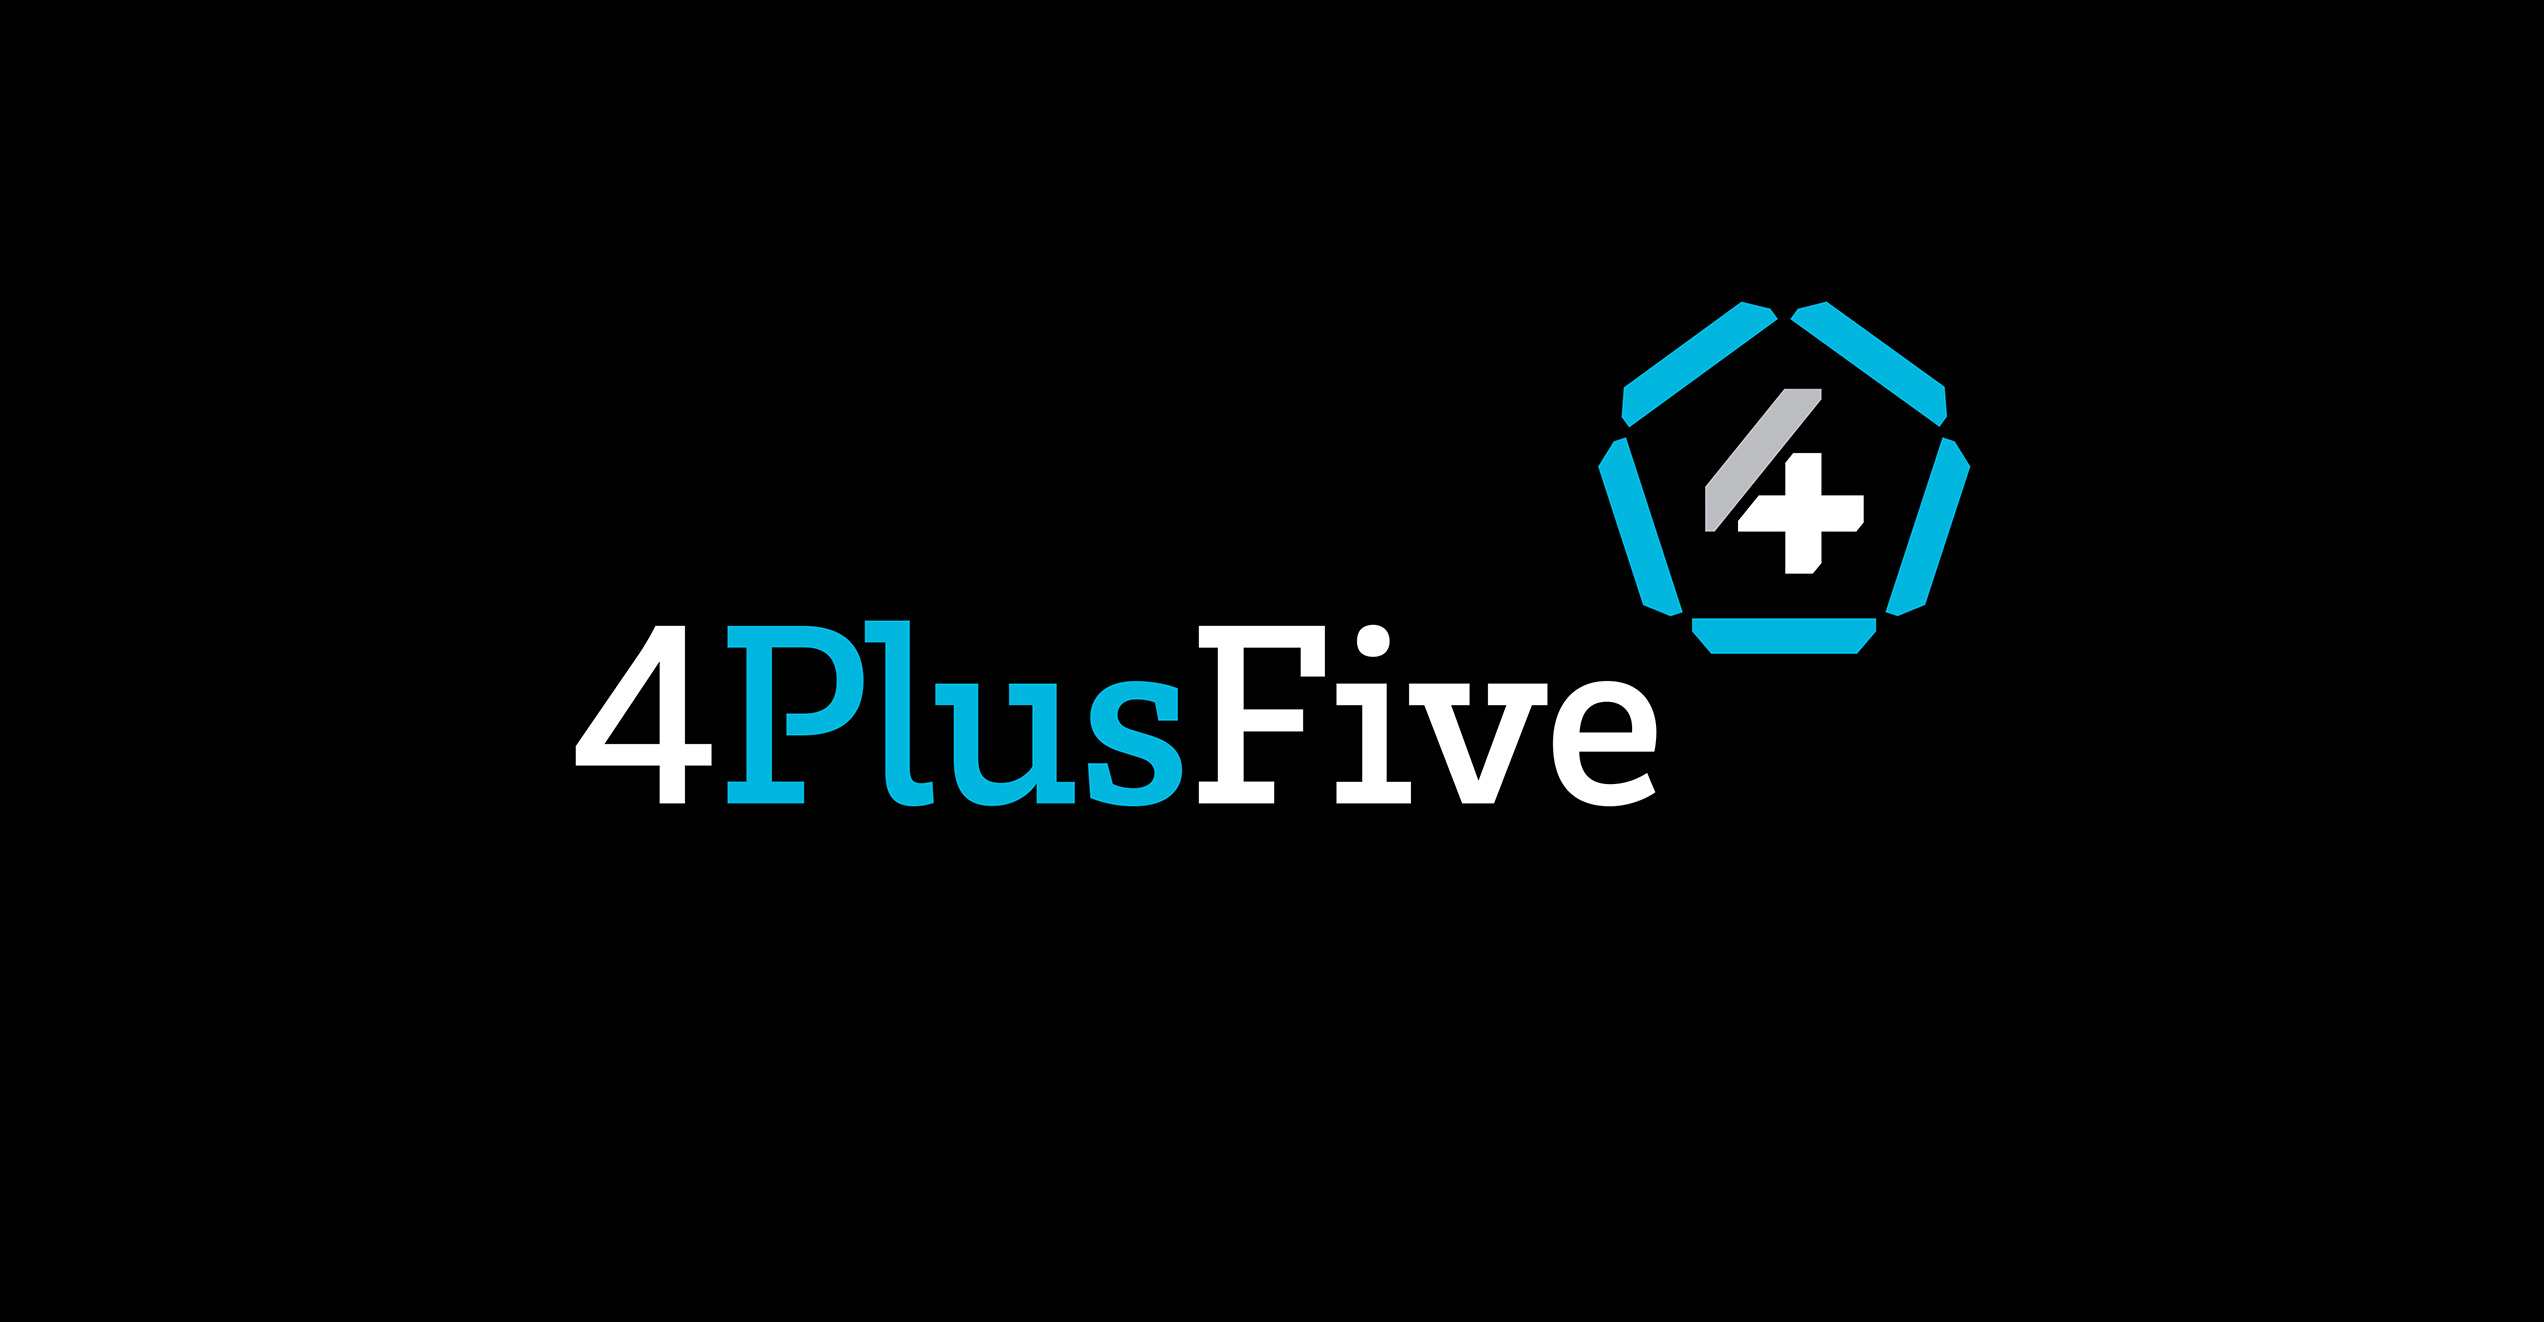 4plusfive_hero.jpg